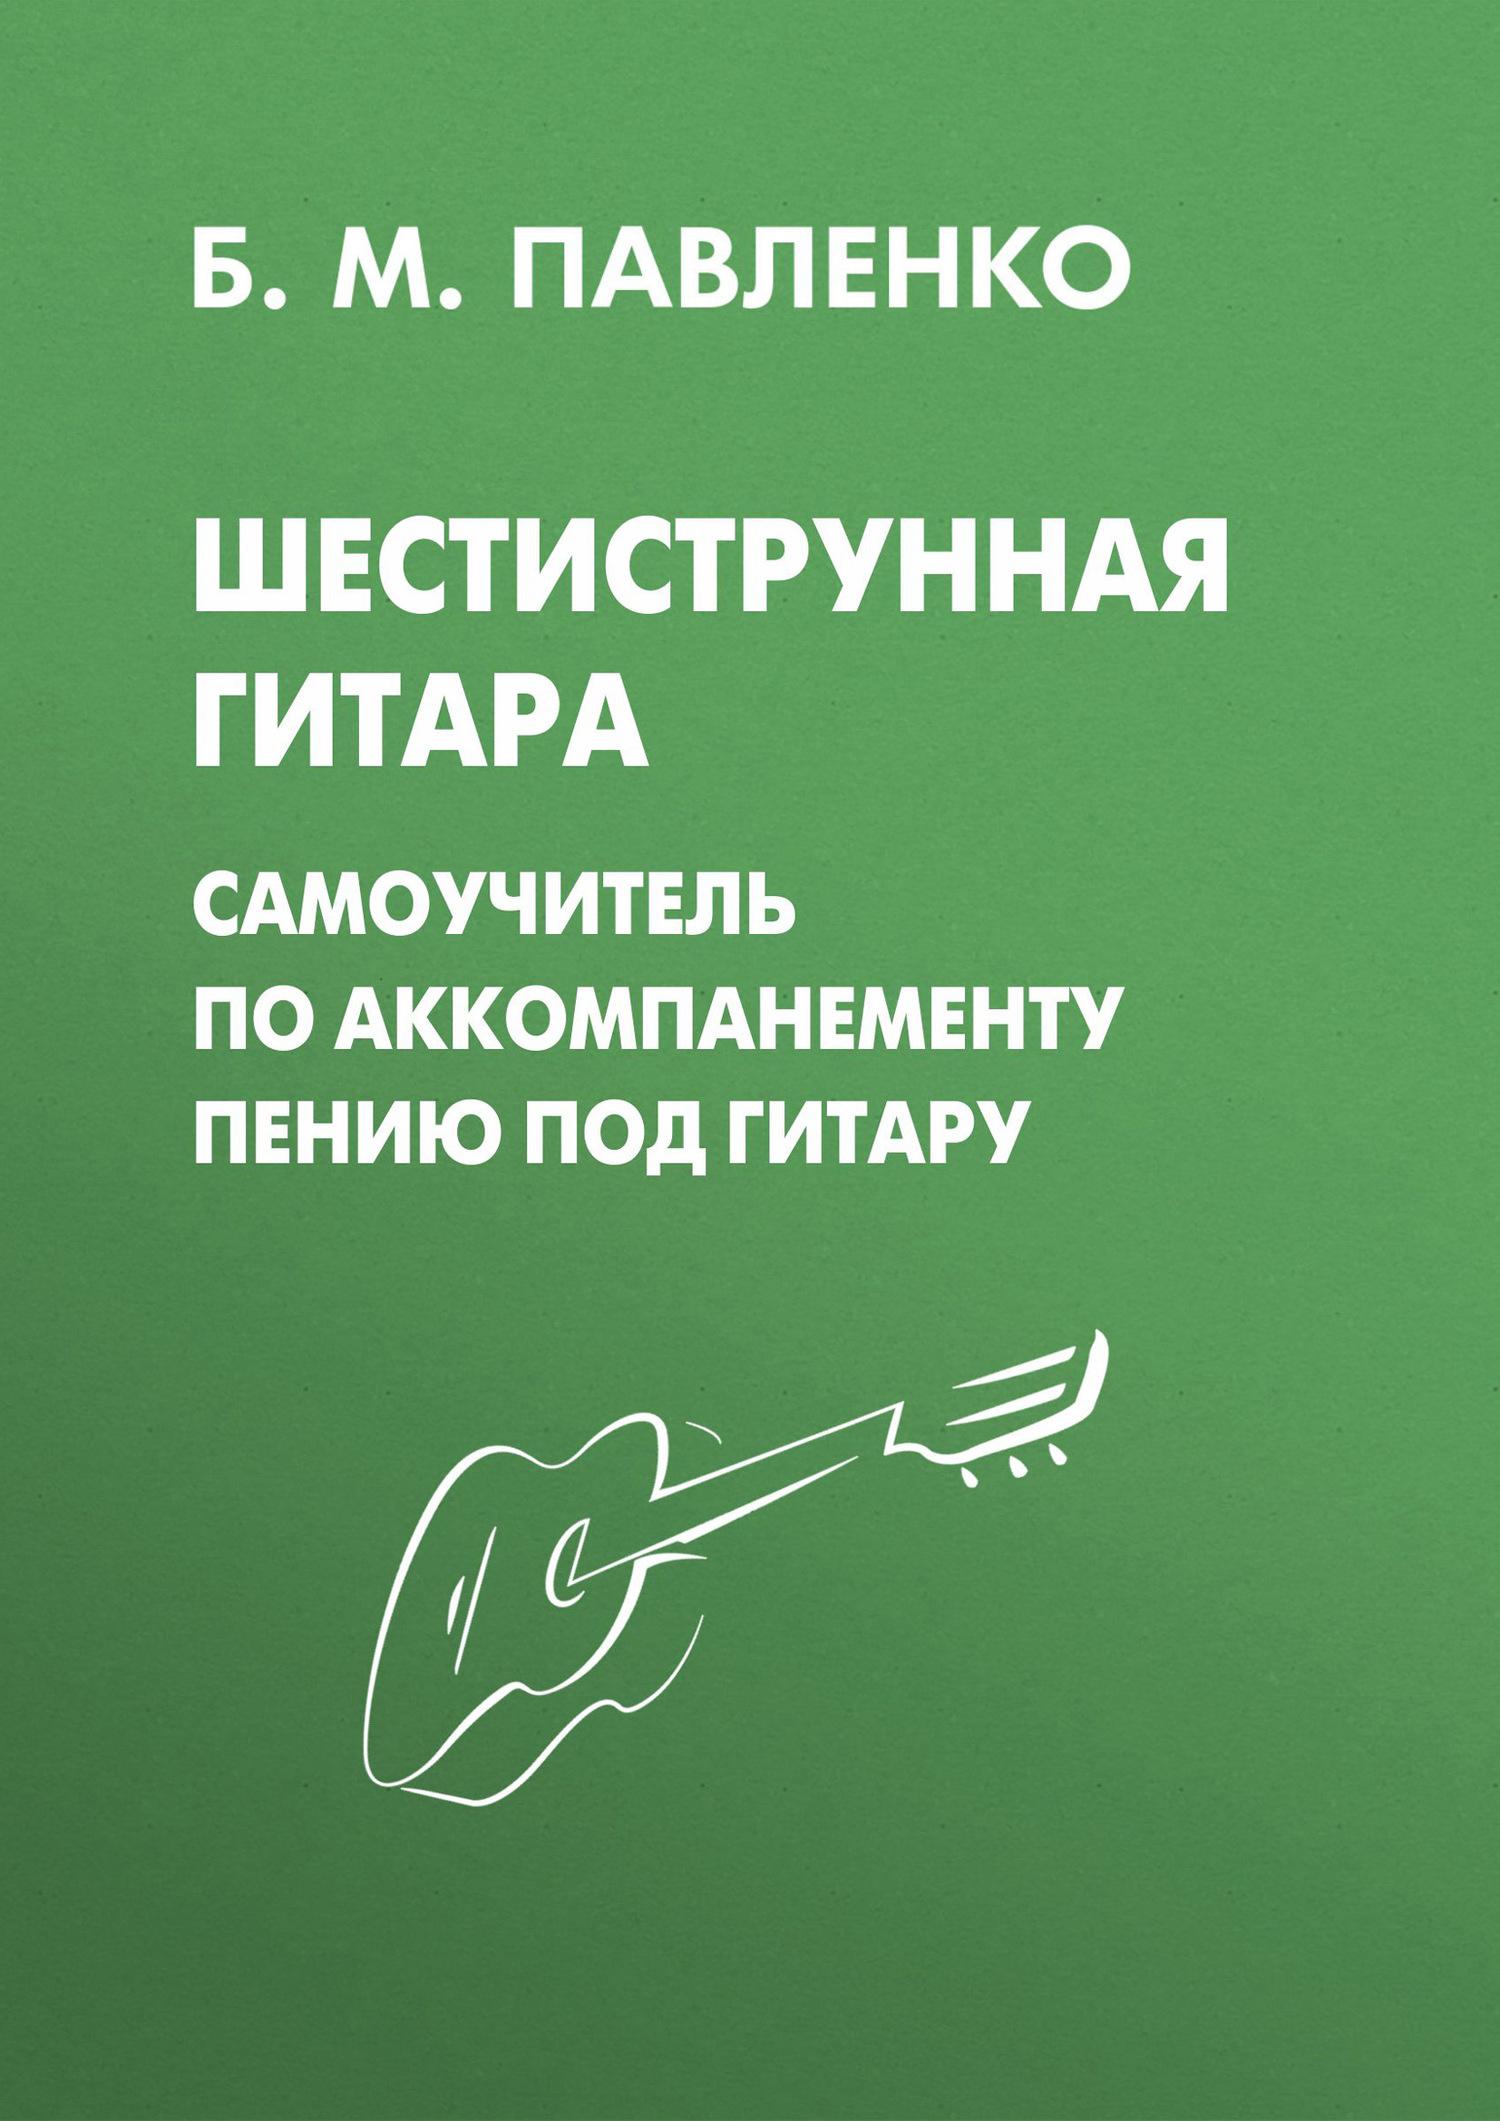 Б. М. Павленко Шестиструнная гитара. Самоучитель по аккомпанементу пению под гитару популярные песни из кинофильмов под гитару